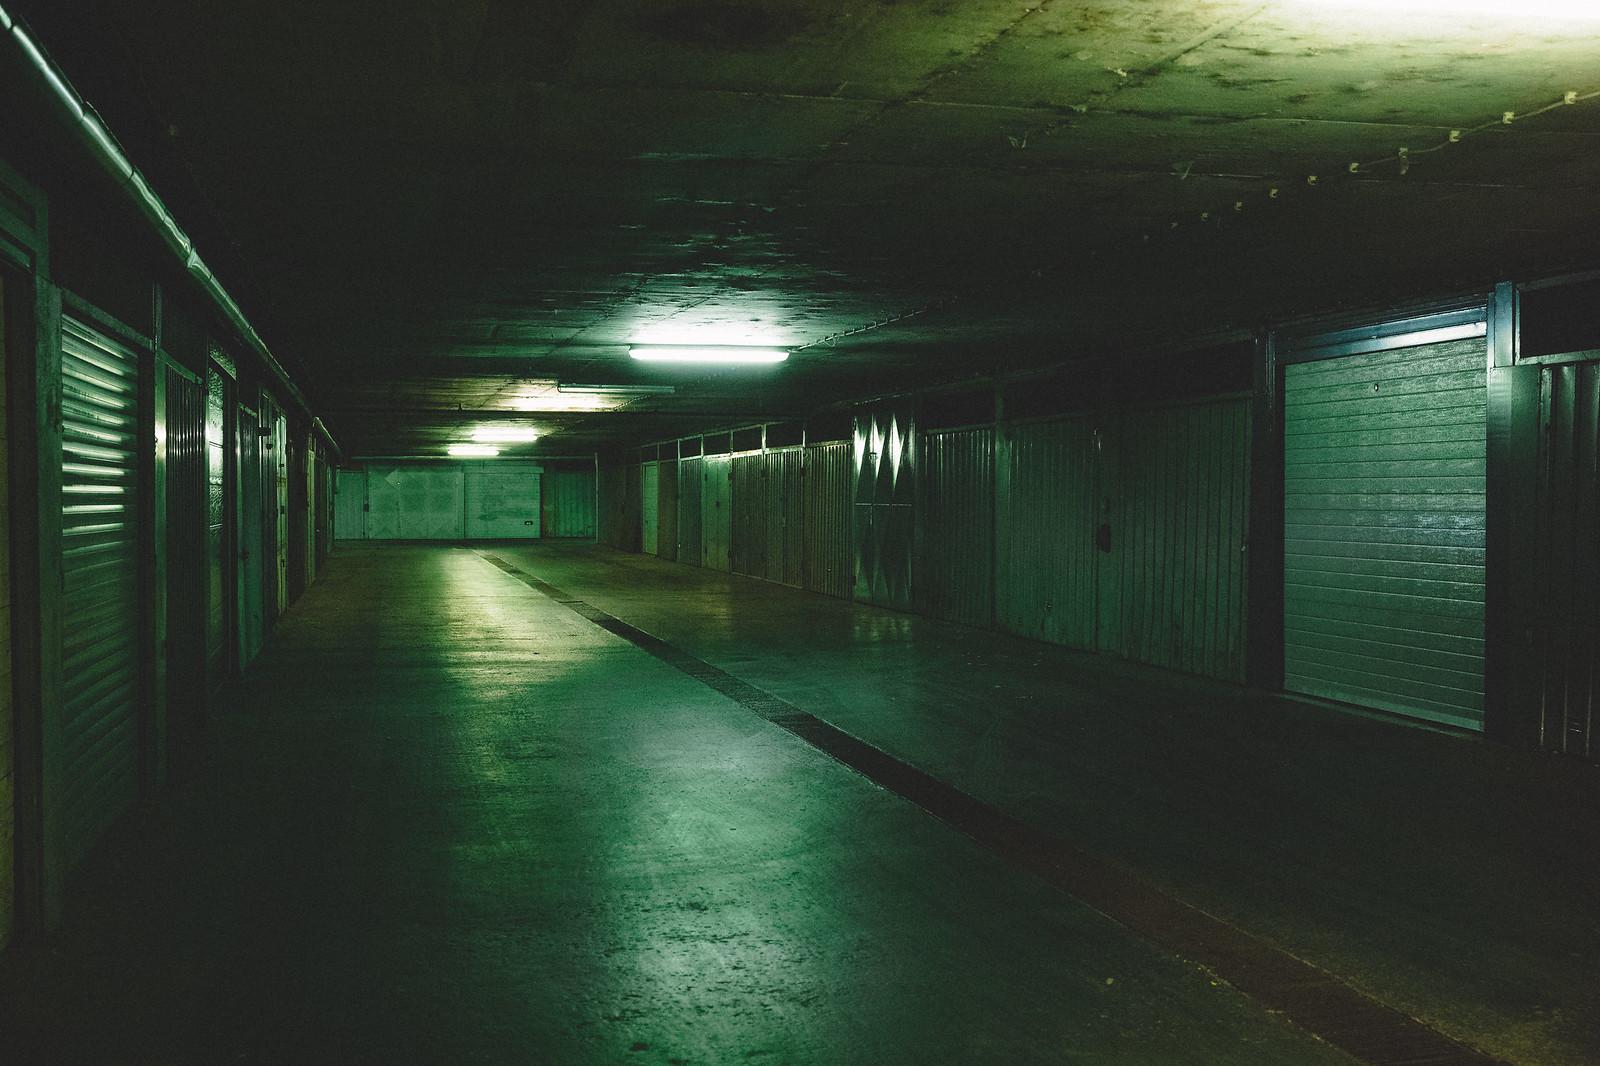 nocne-1375